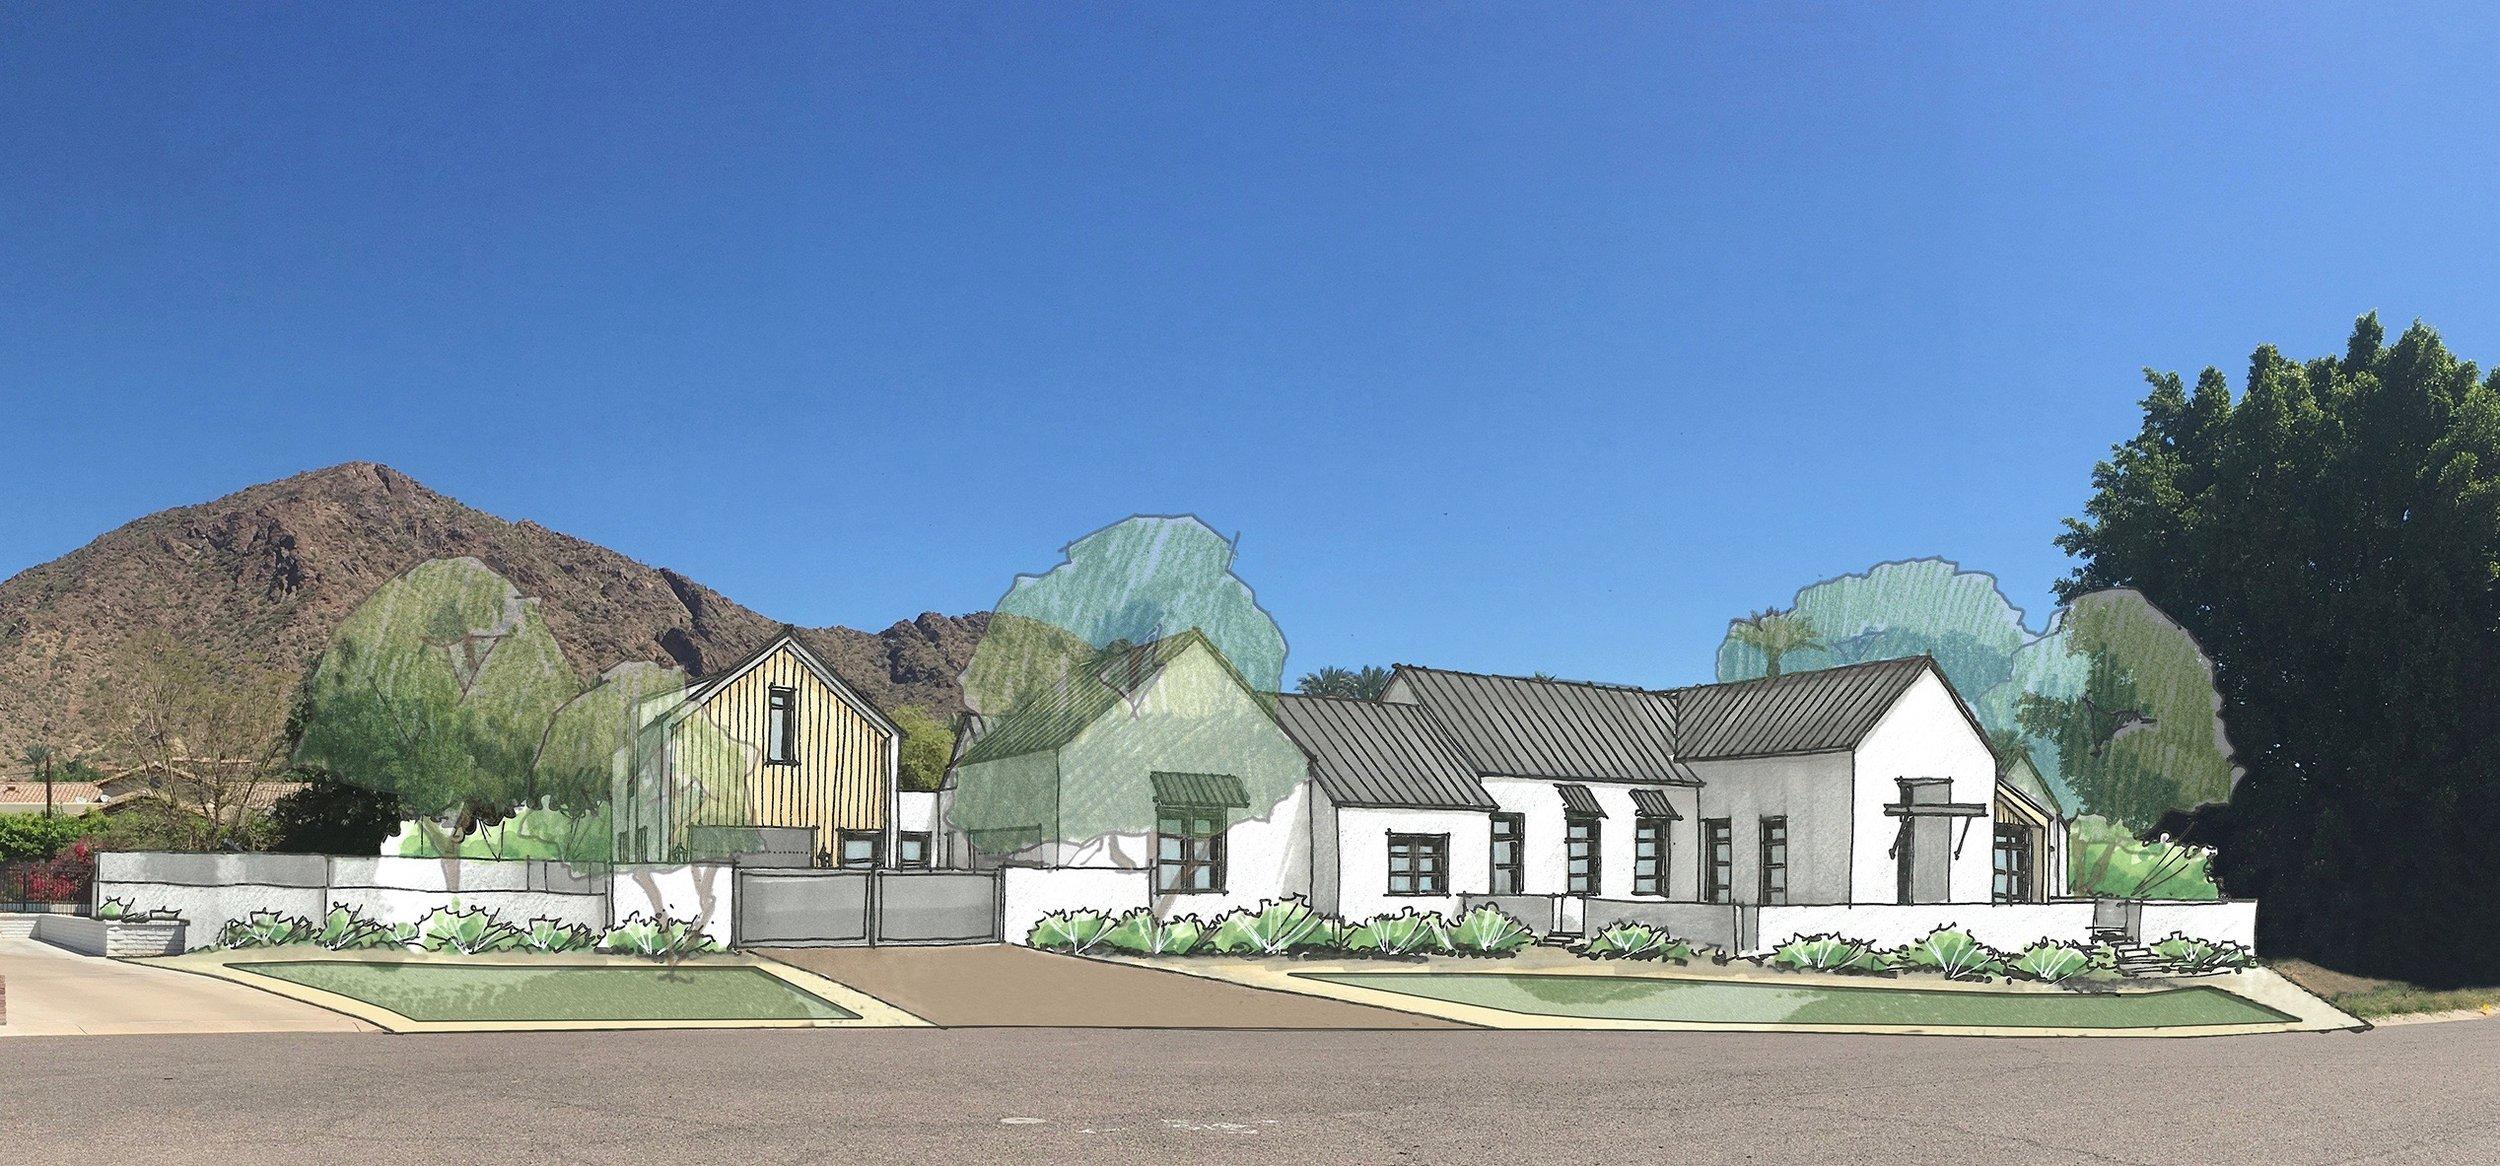 Conceptual Study for a Candelaria Design Modern Farmhouse home in Arcadia